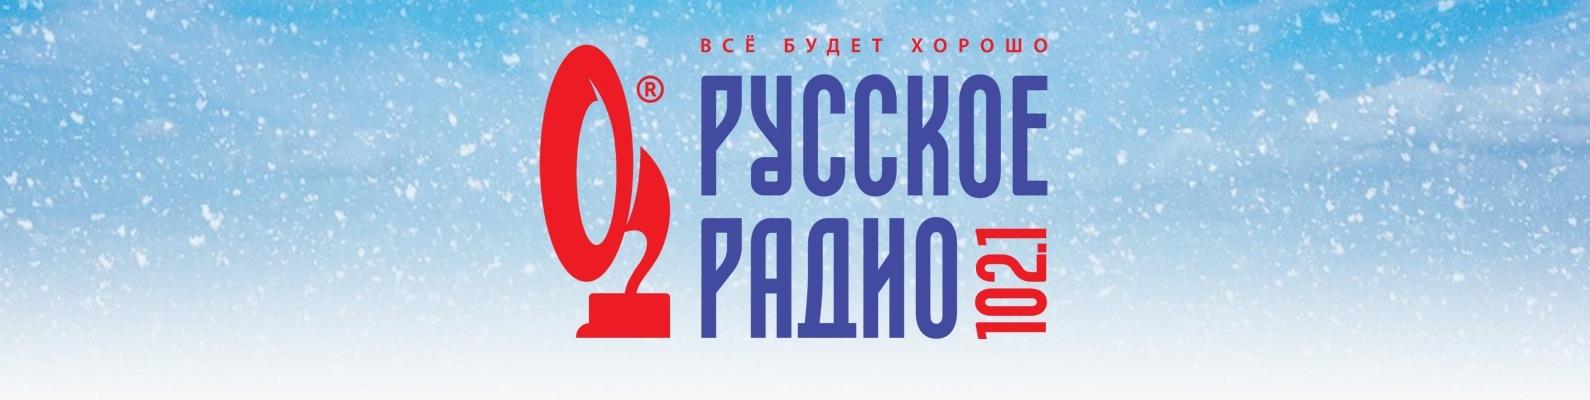 Поздравления в прямом эфире русского радио 403 Forbidden